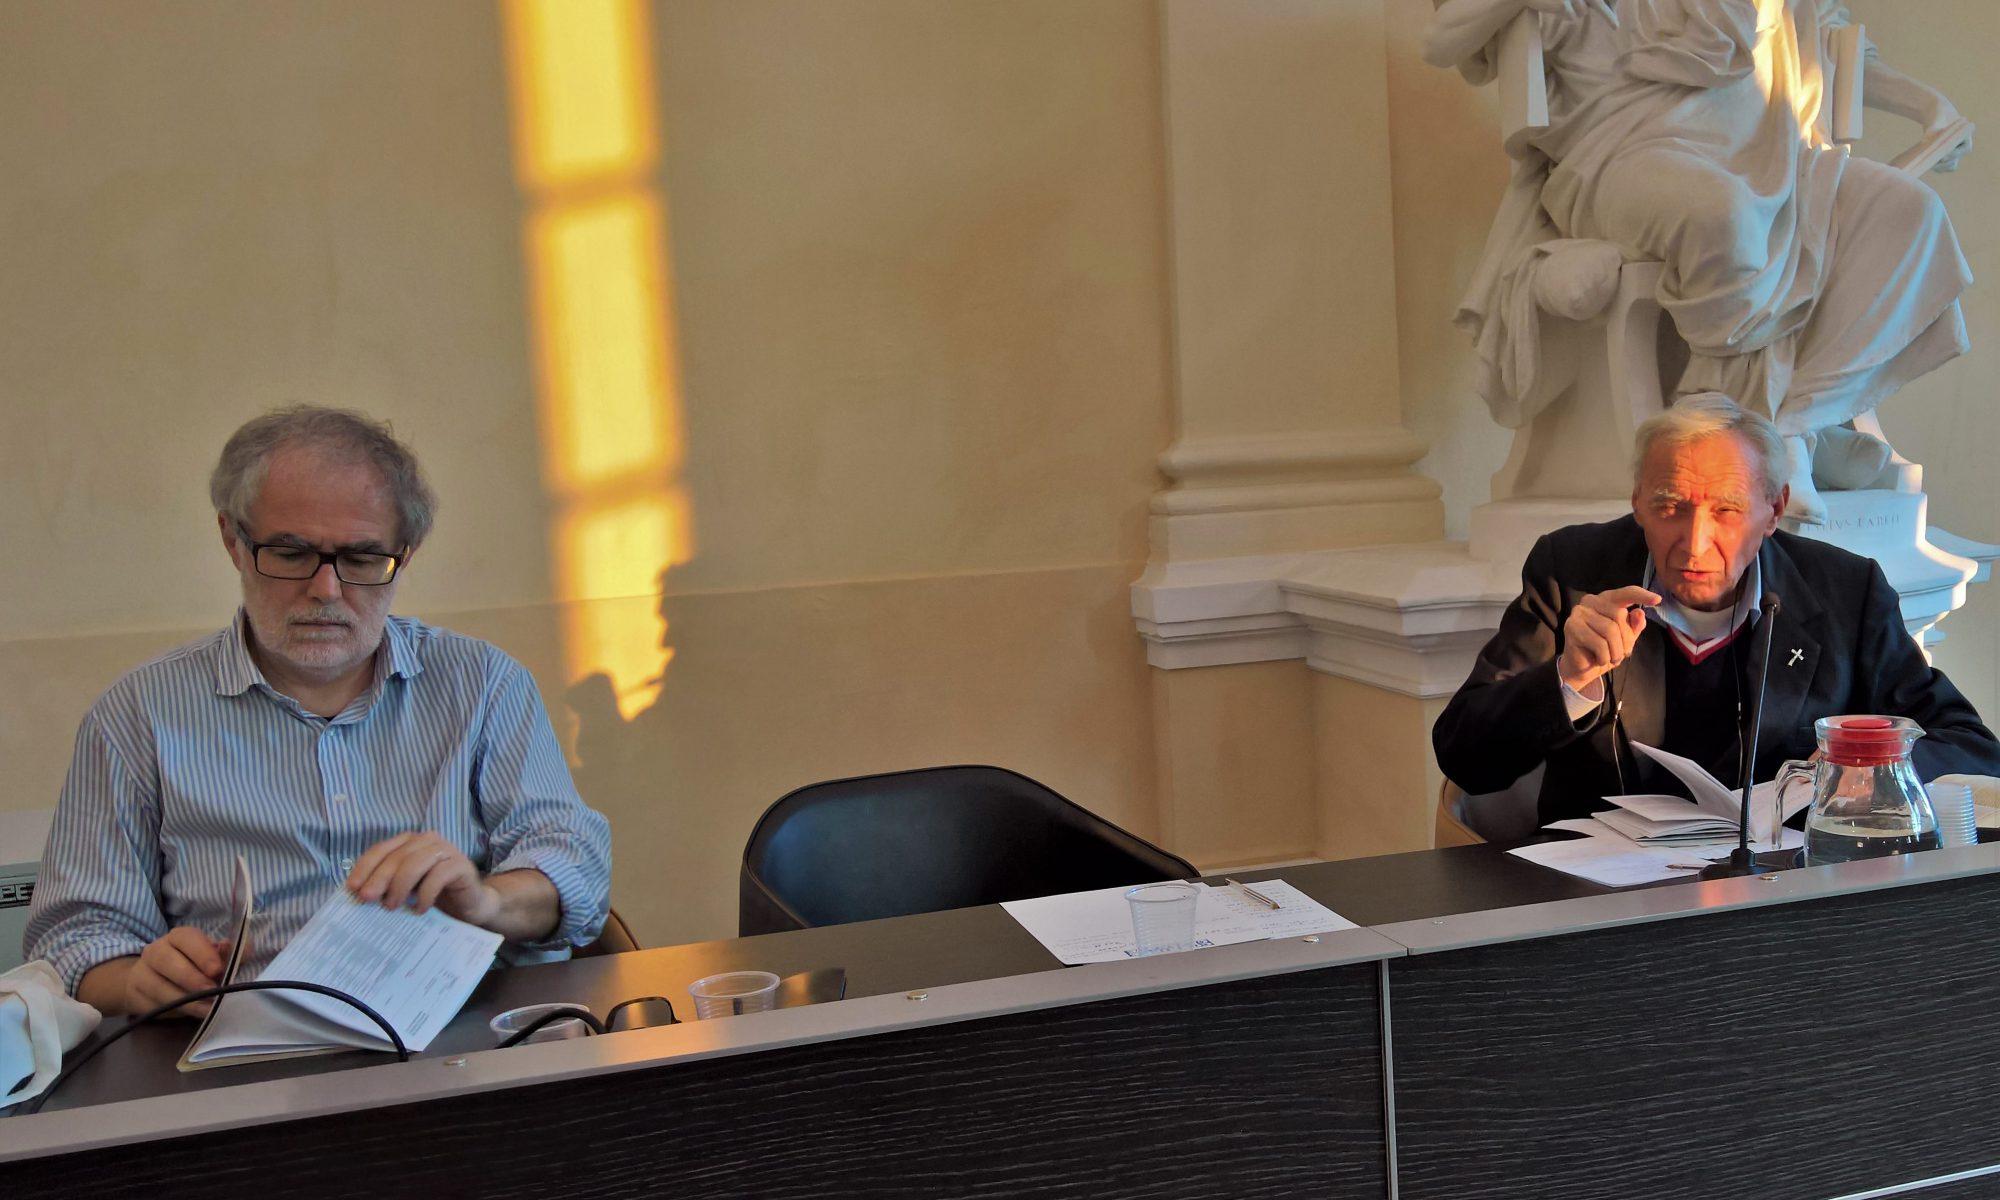 Il professor Leonardo Lugaresi e monsignor Carlo Molari in Malatestiana